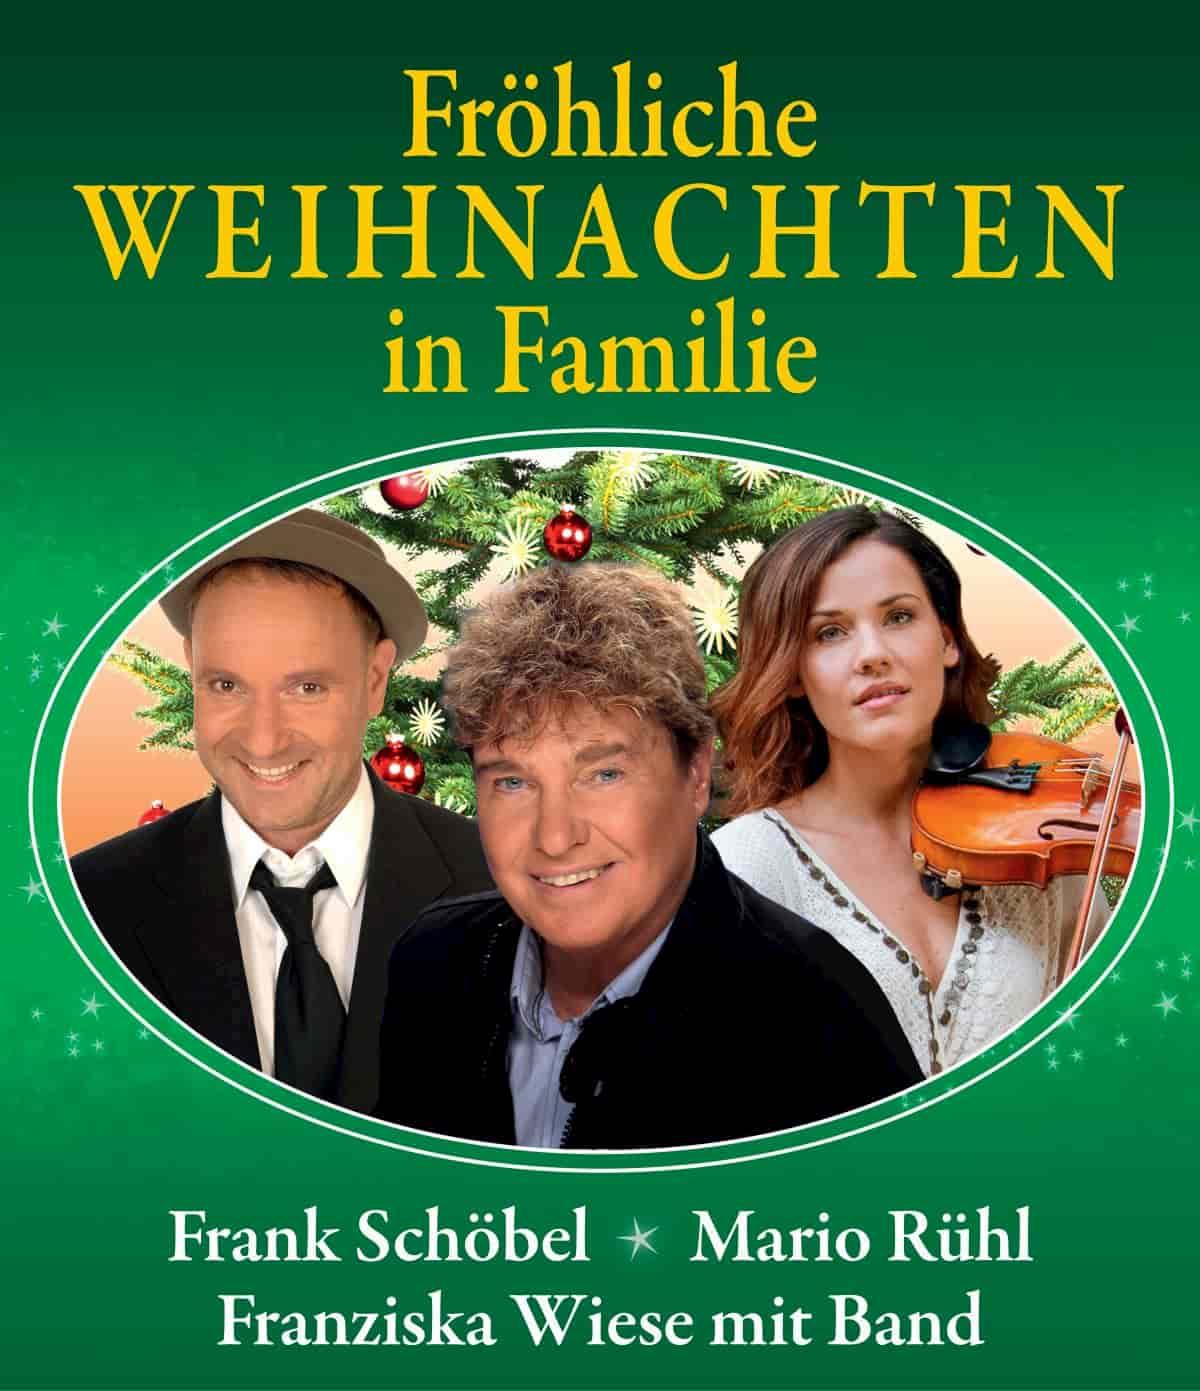 Frank Schöbel Weihnachten in Familie 2019